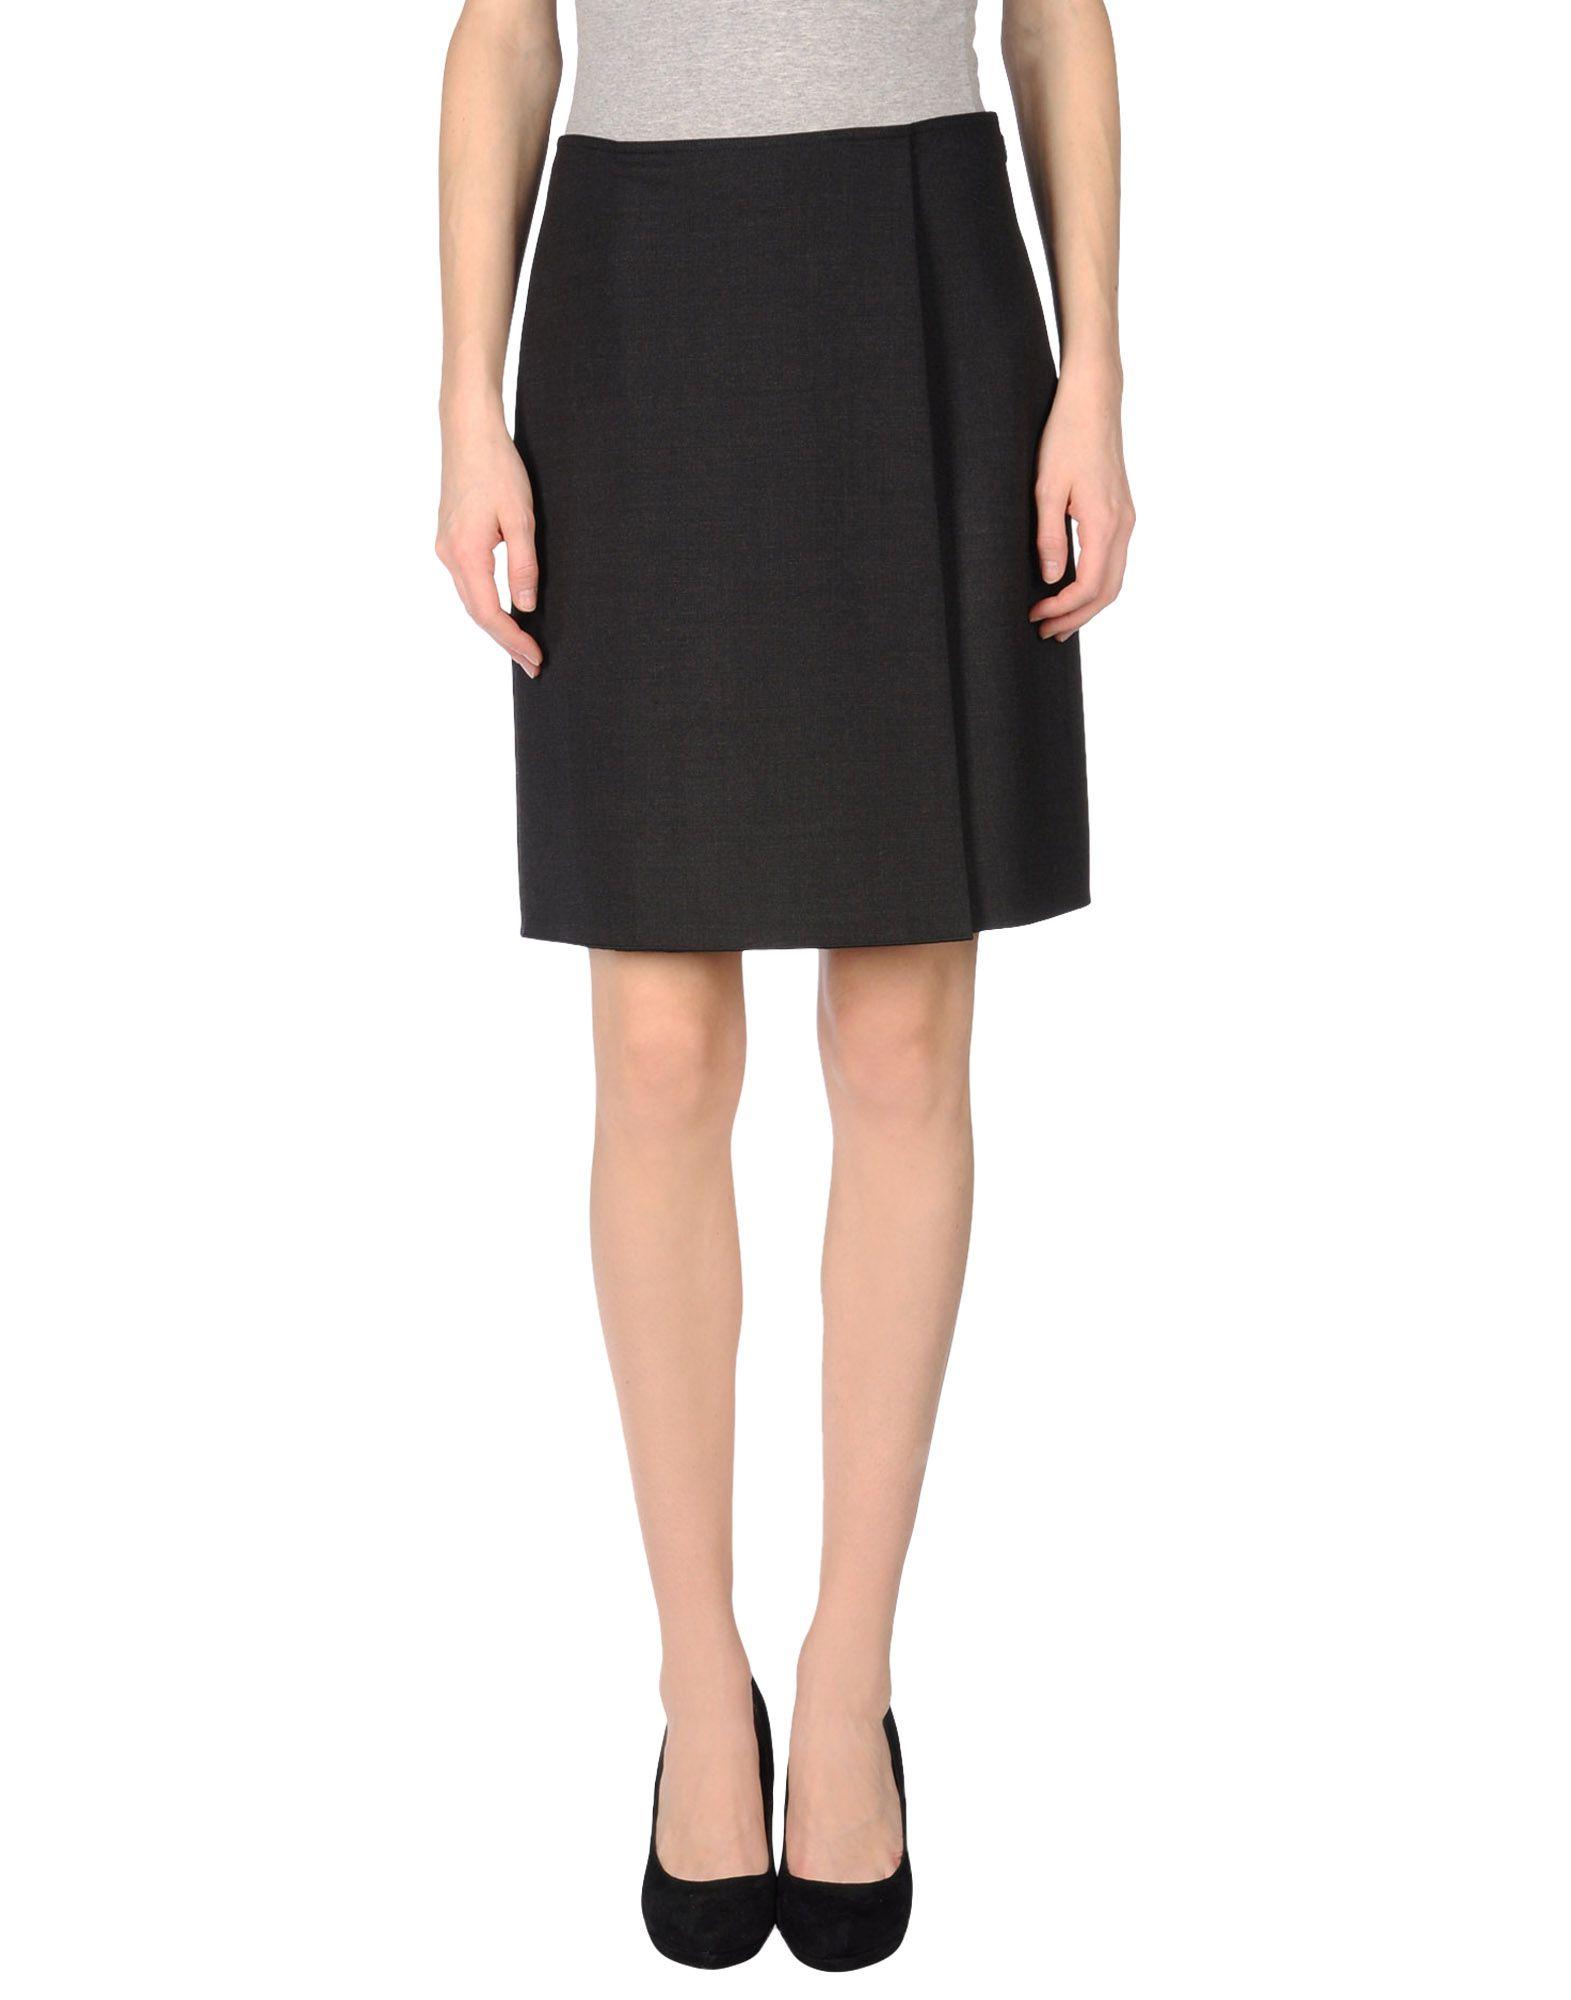 jil sander navy knee length skirt in gray steel grey